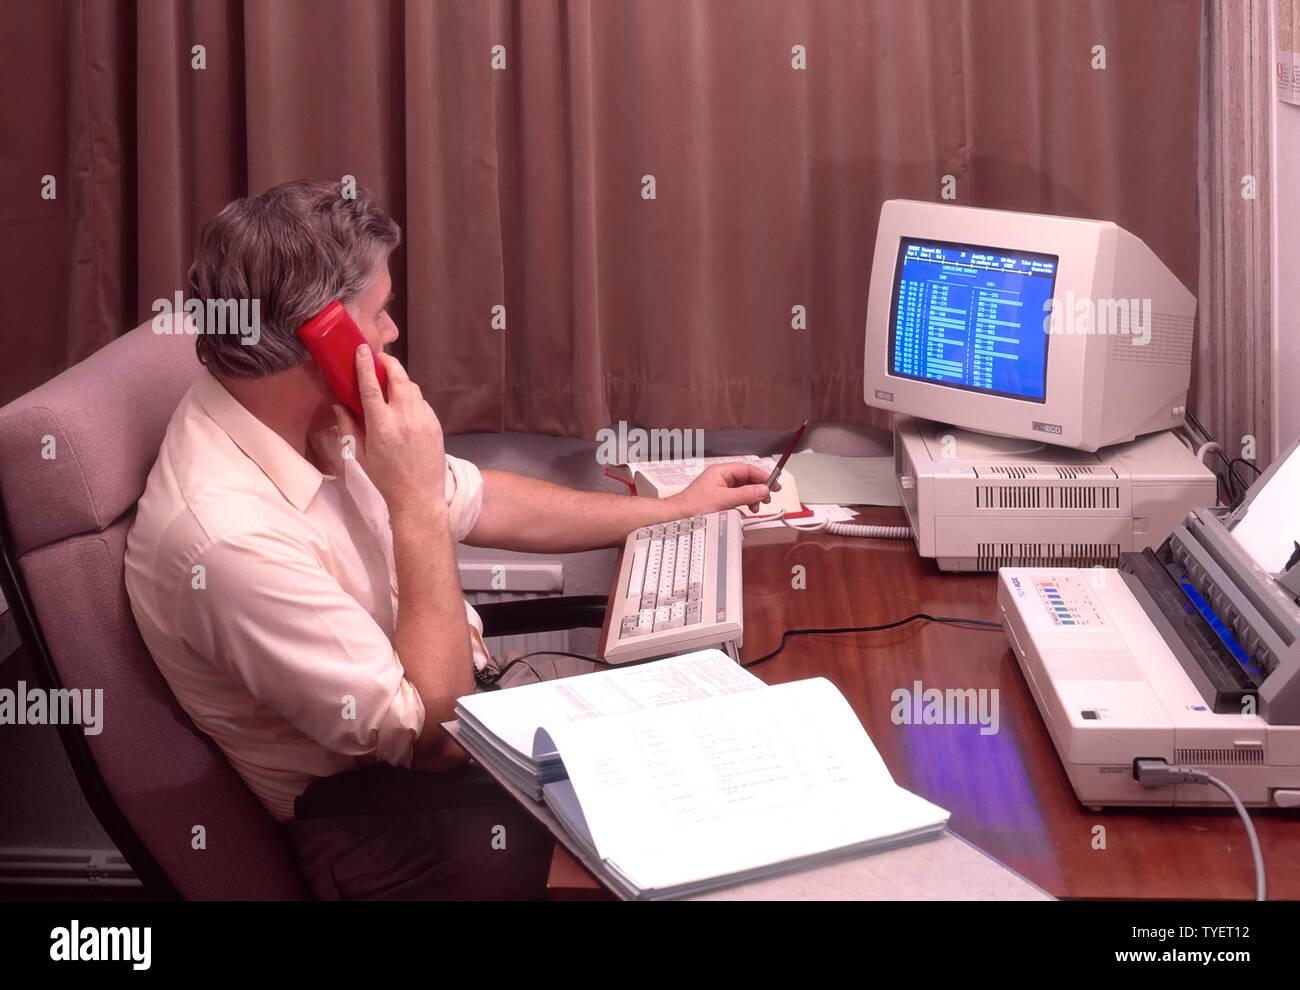 Man Selbständige im Büro am Schreibtisch sitzen, von zu Hause aus arbeiten mit Phone Amstrad desk top Computer, Bildschirm und Drucker Archiv 1980s England Großbritannien Stockbild